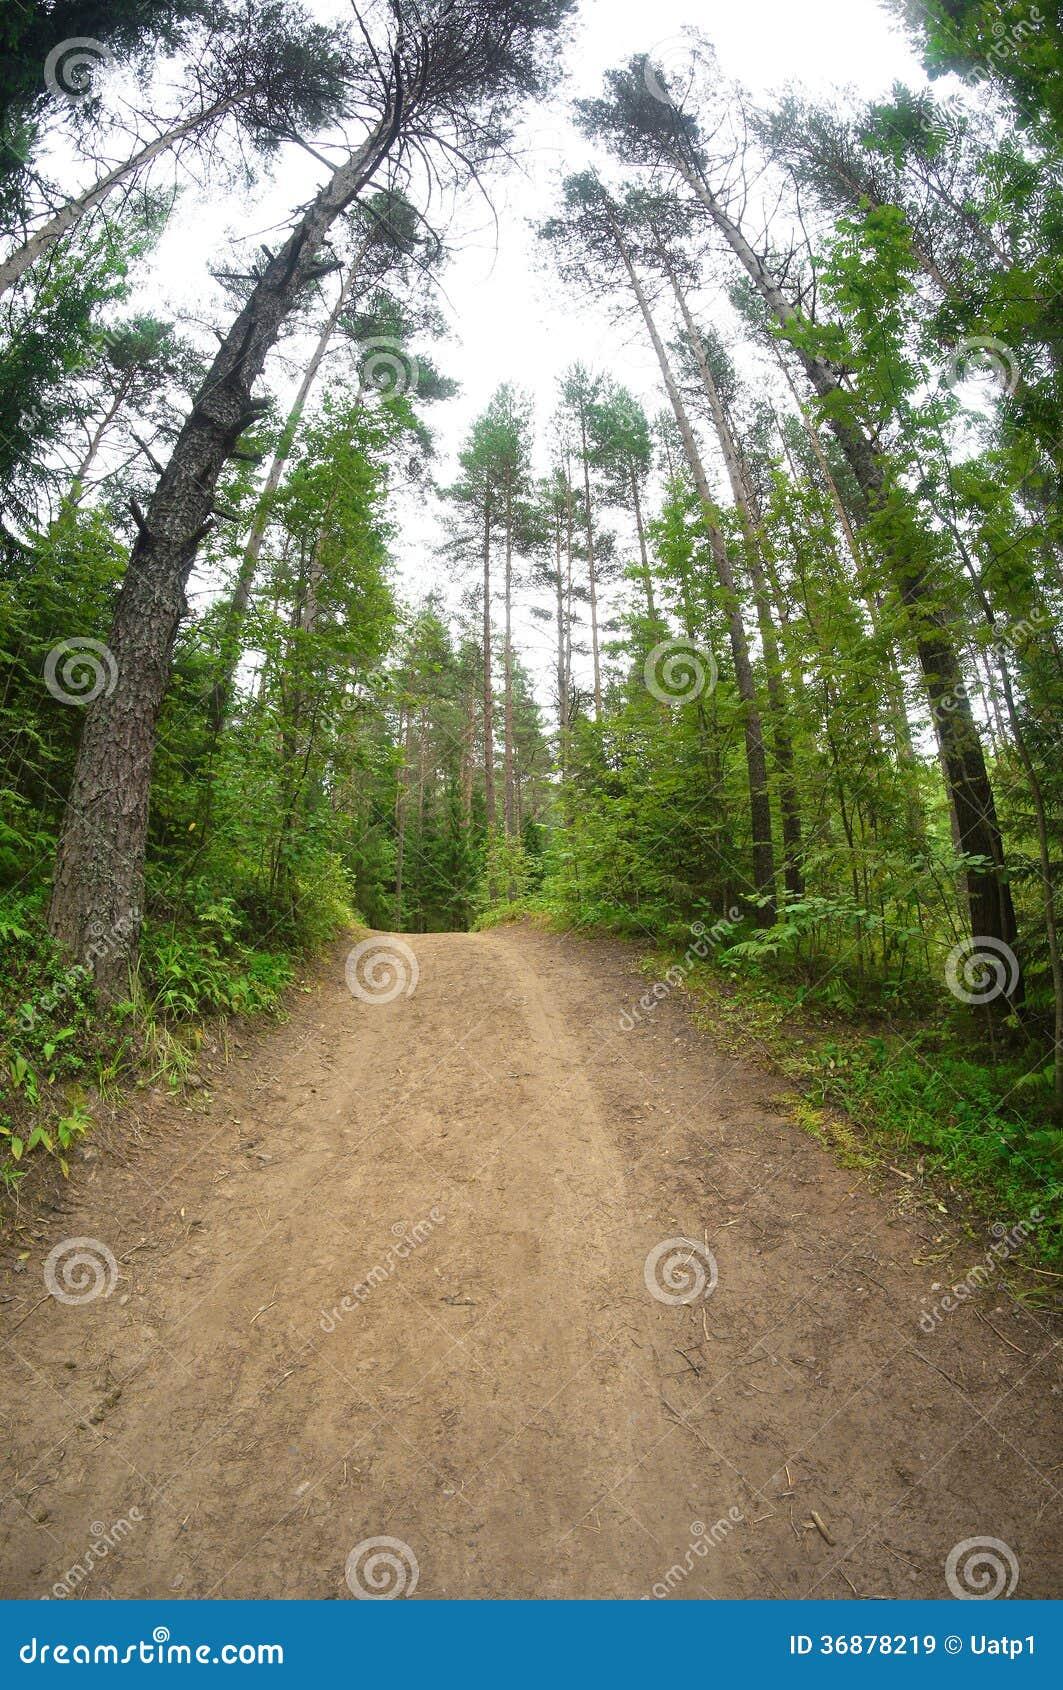 Download Strada in una foresta immagine stock. Immagine di strada - 36878219